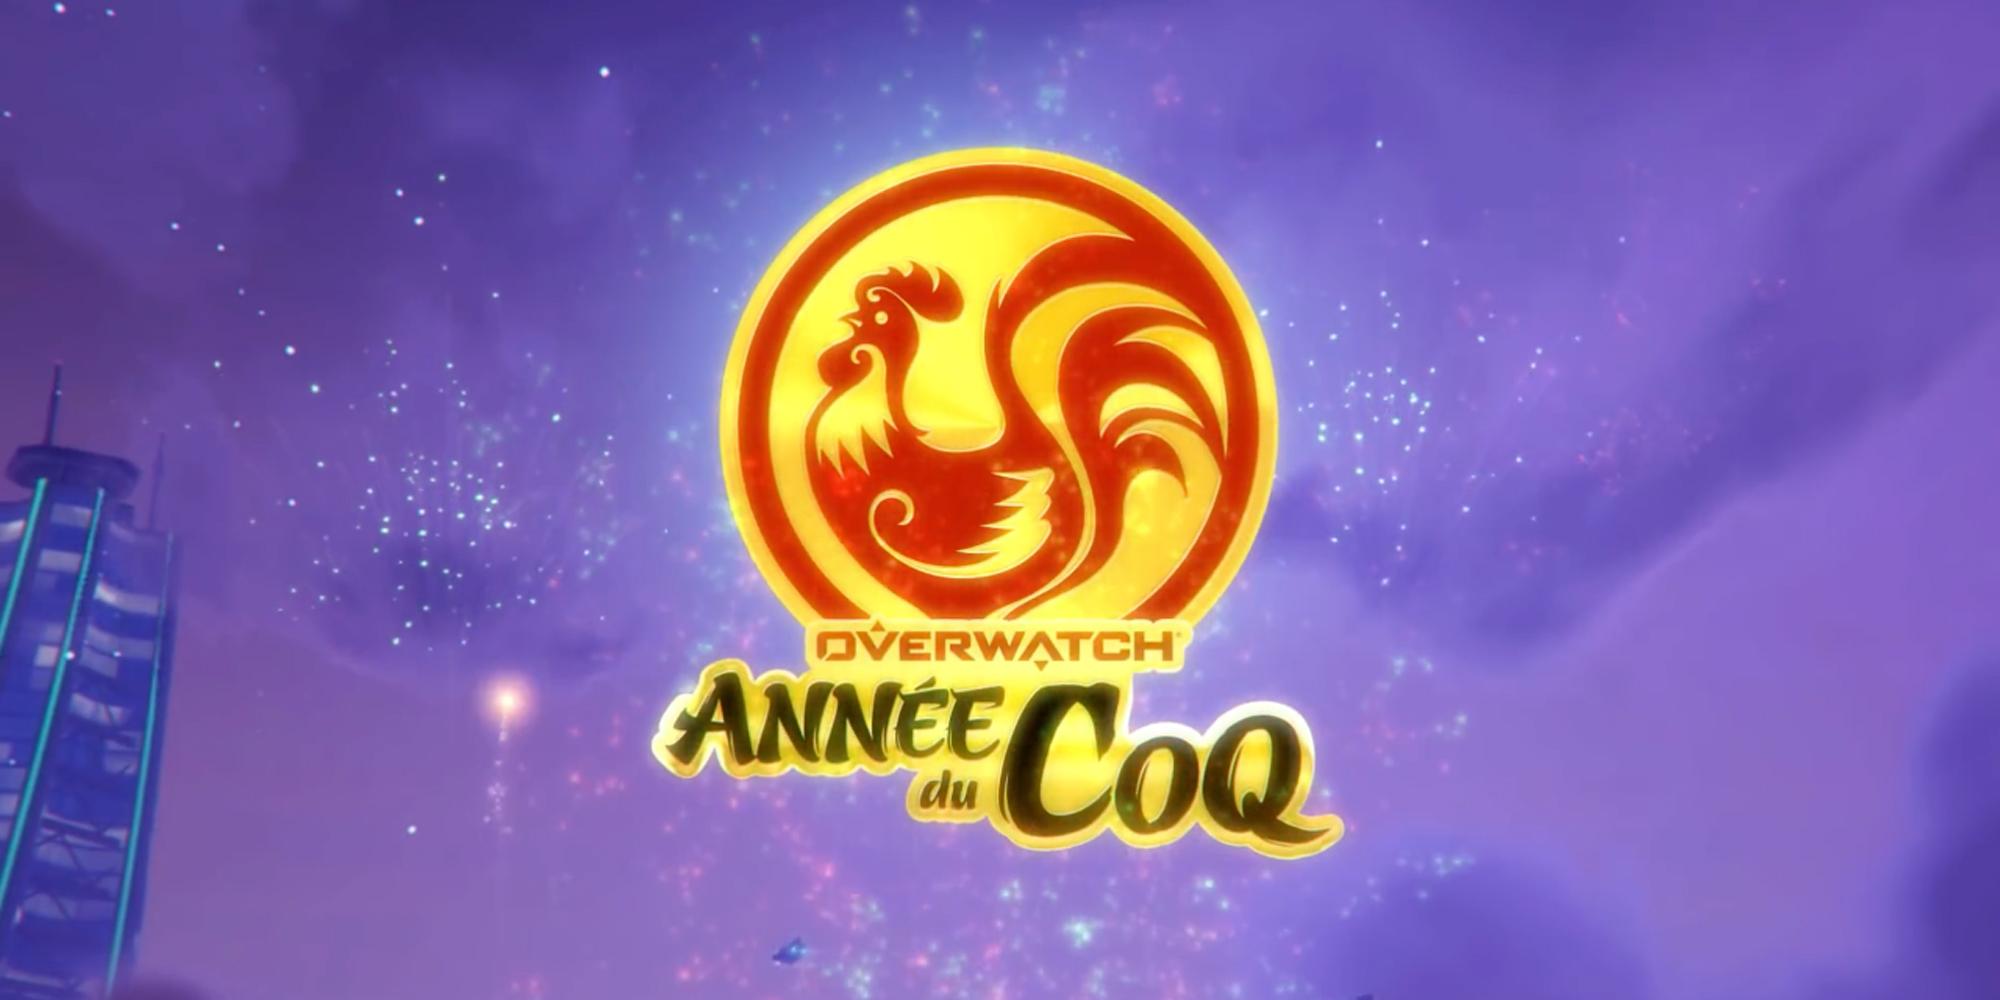 OverWatch célèbre l'année du Coq !